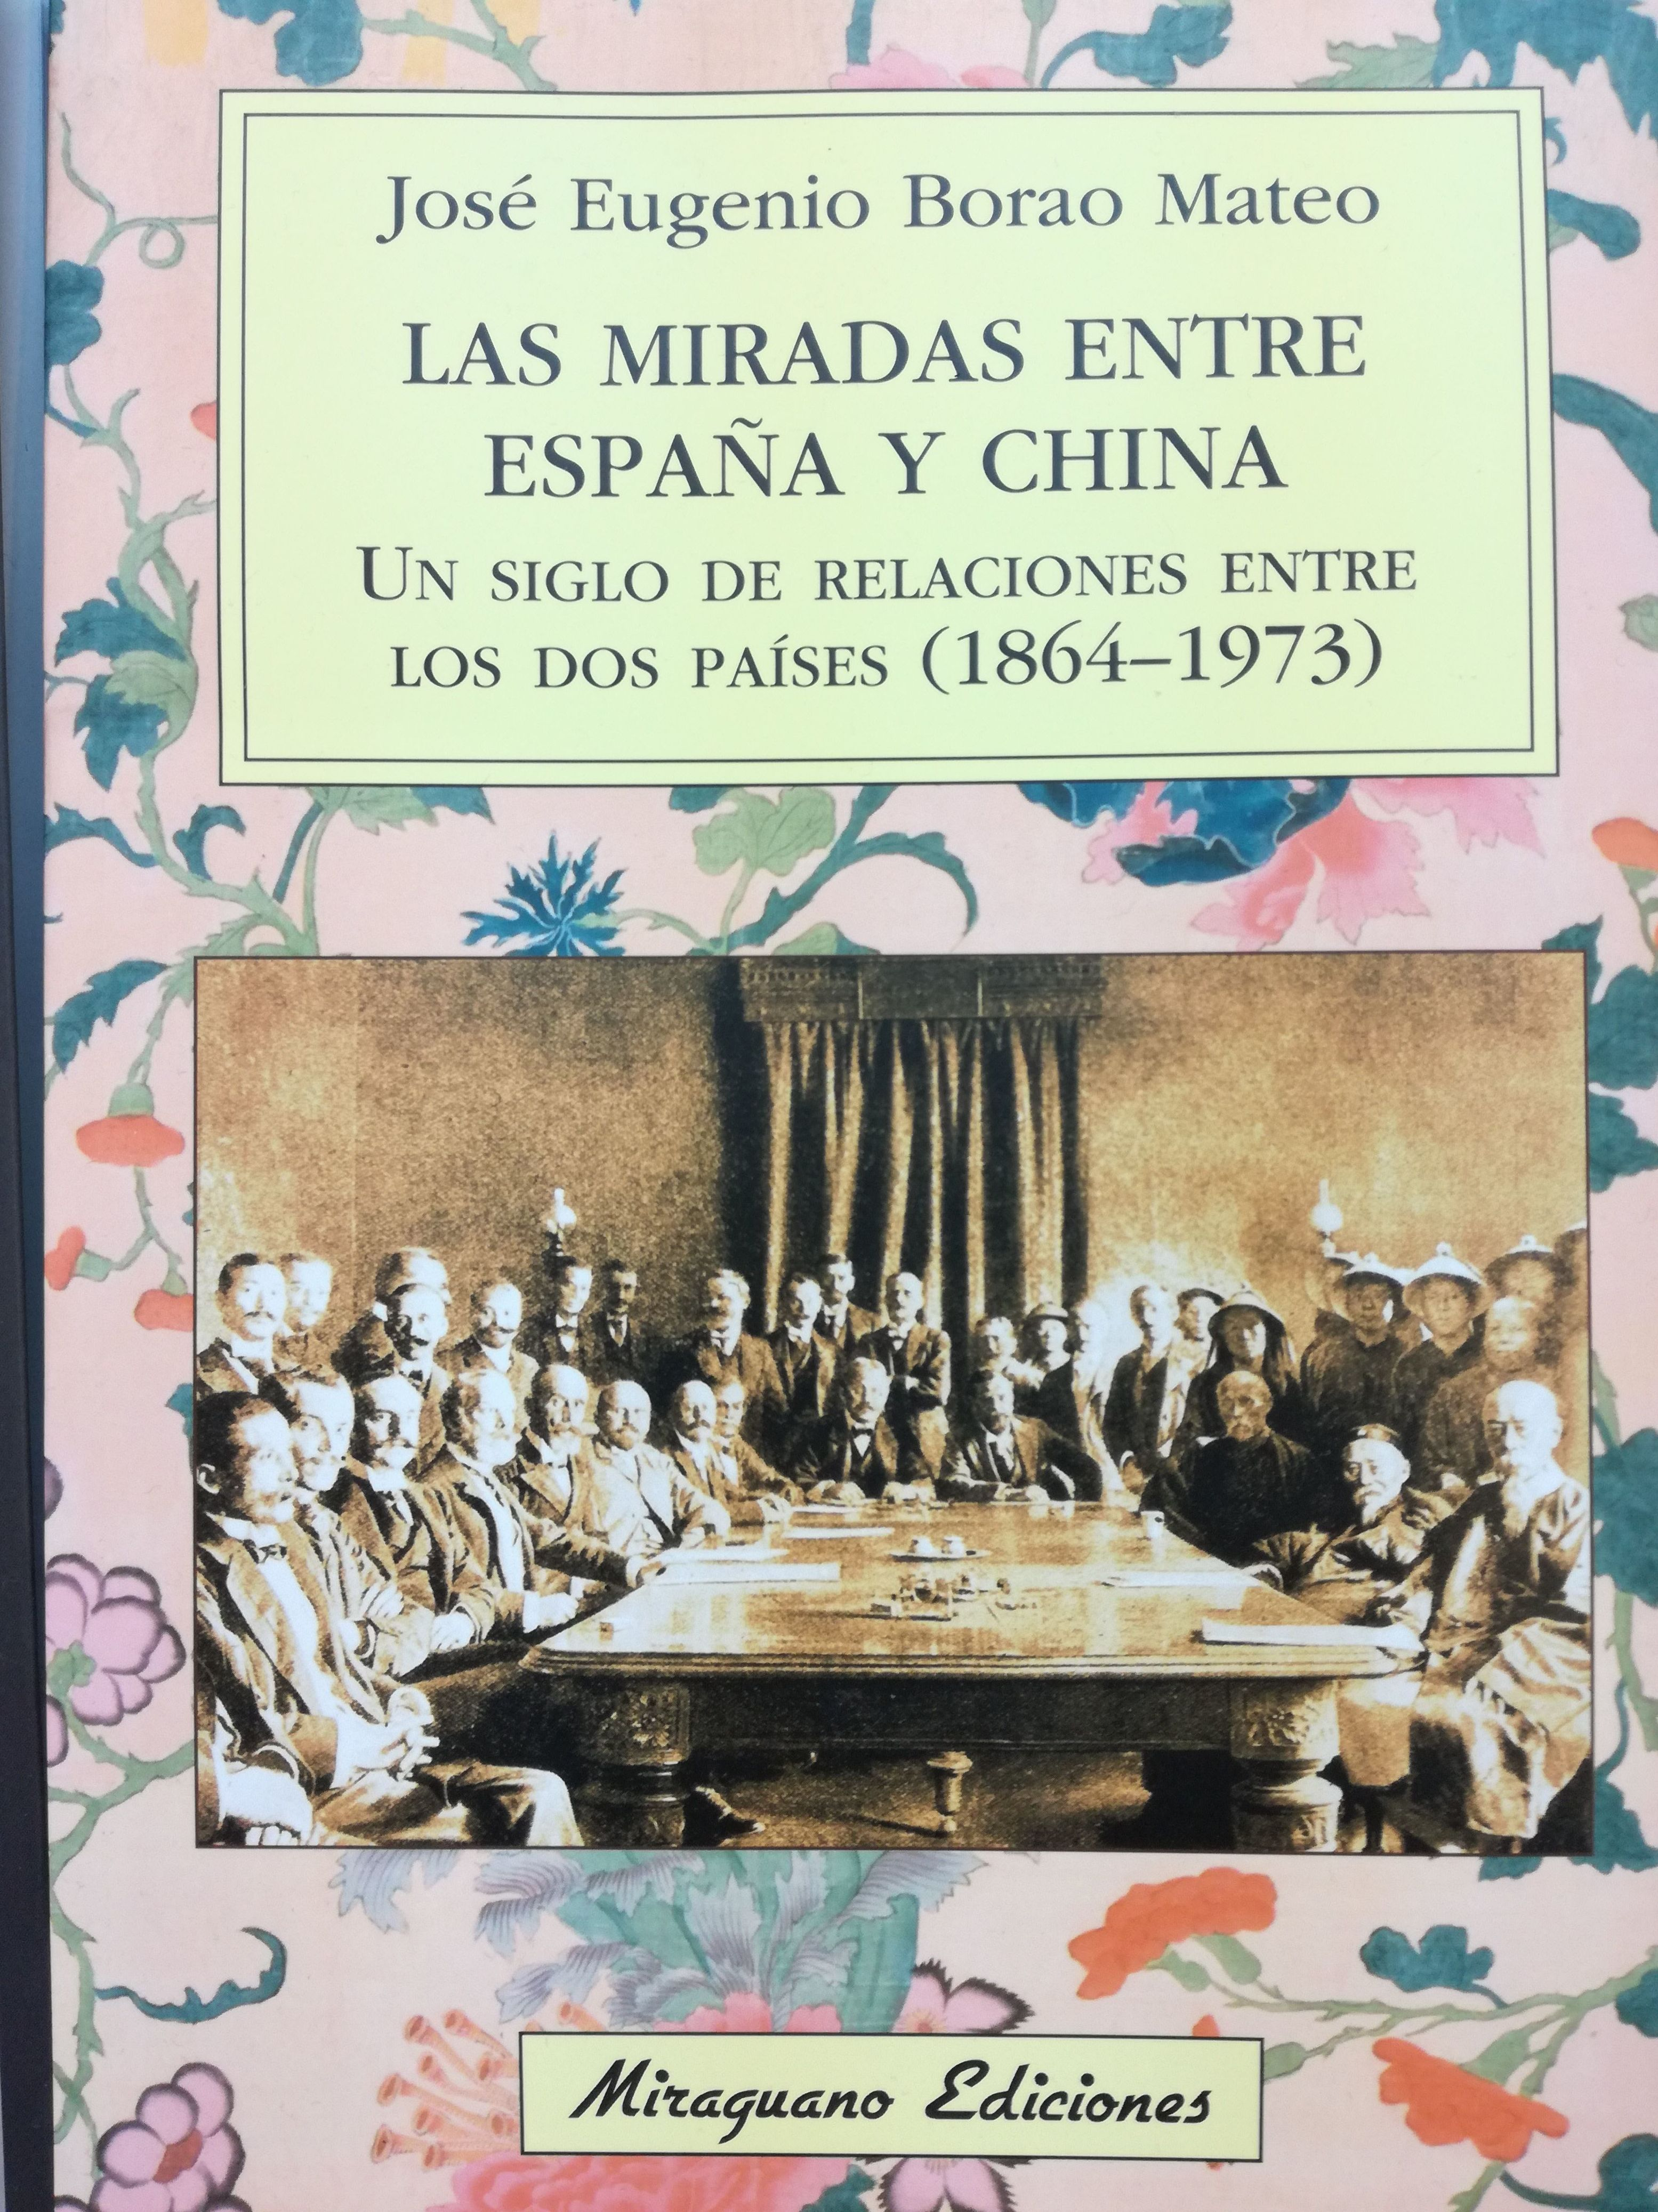 Las miradas entre España y China: SECCIONES de Librería Nueva Plaza Universitaria